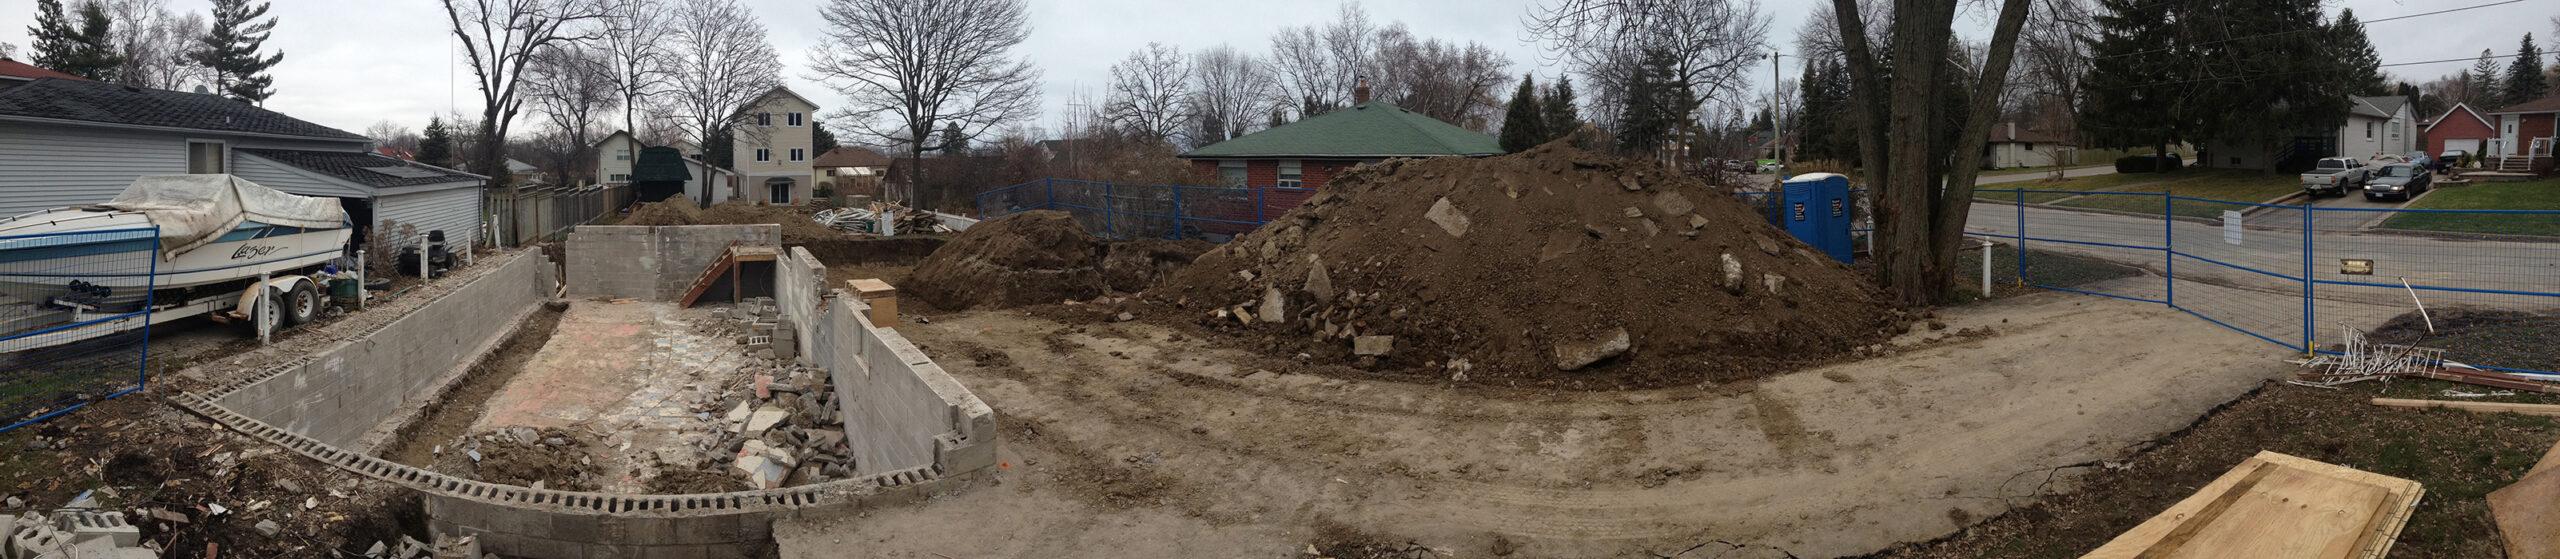 Dreamhouse construction site - post demo